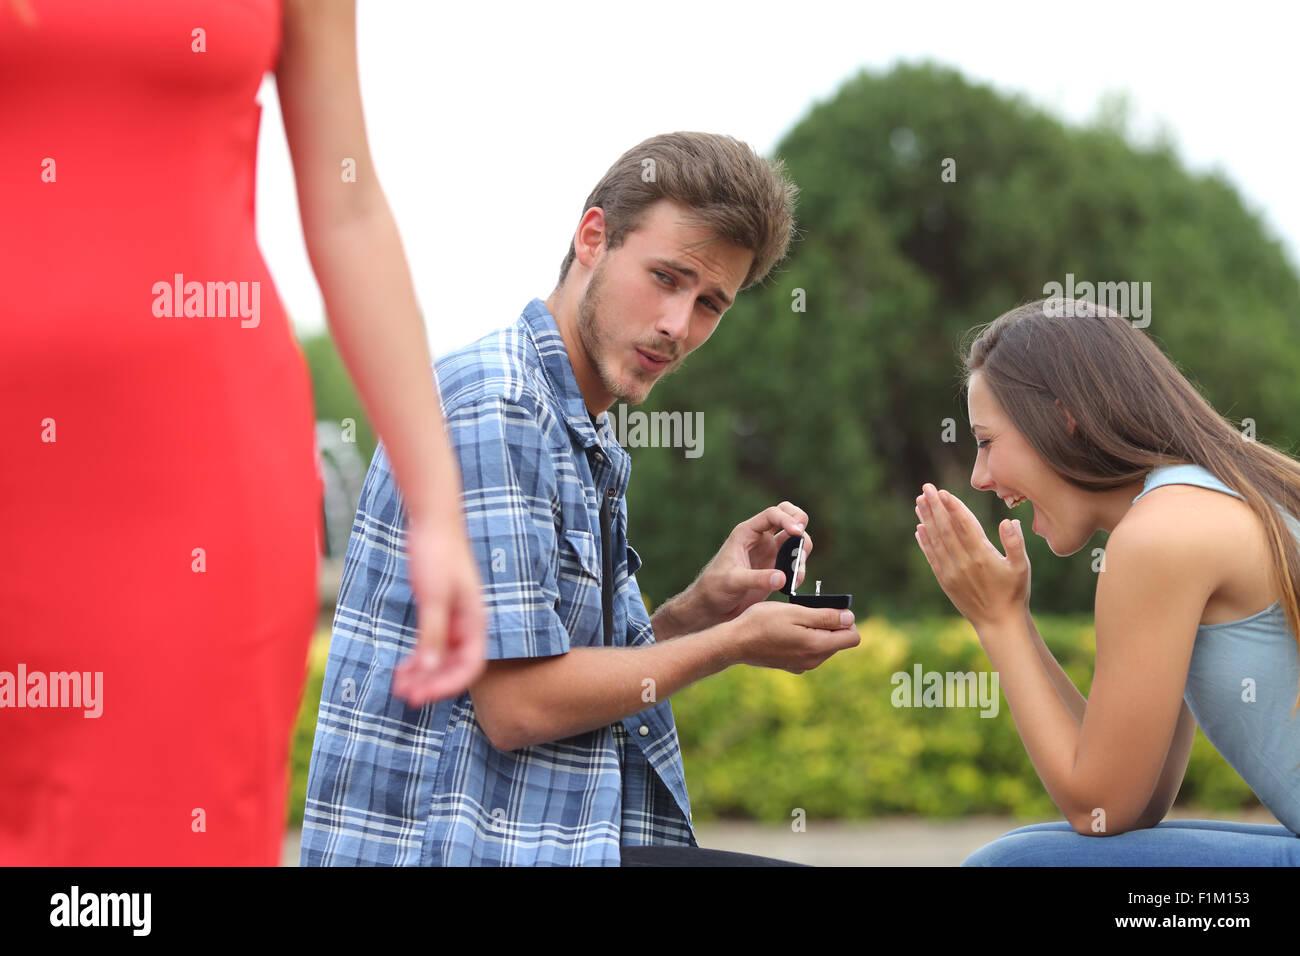 Betrüger Mann betrug während einen Heiratsantrag mit seiner unschuldigen Freundin Stockfoto